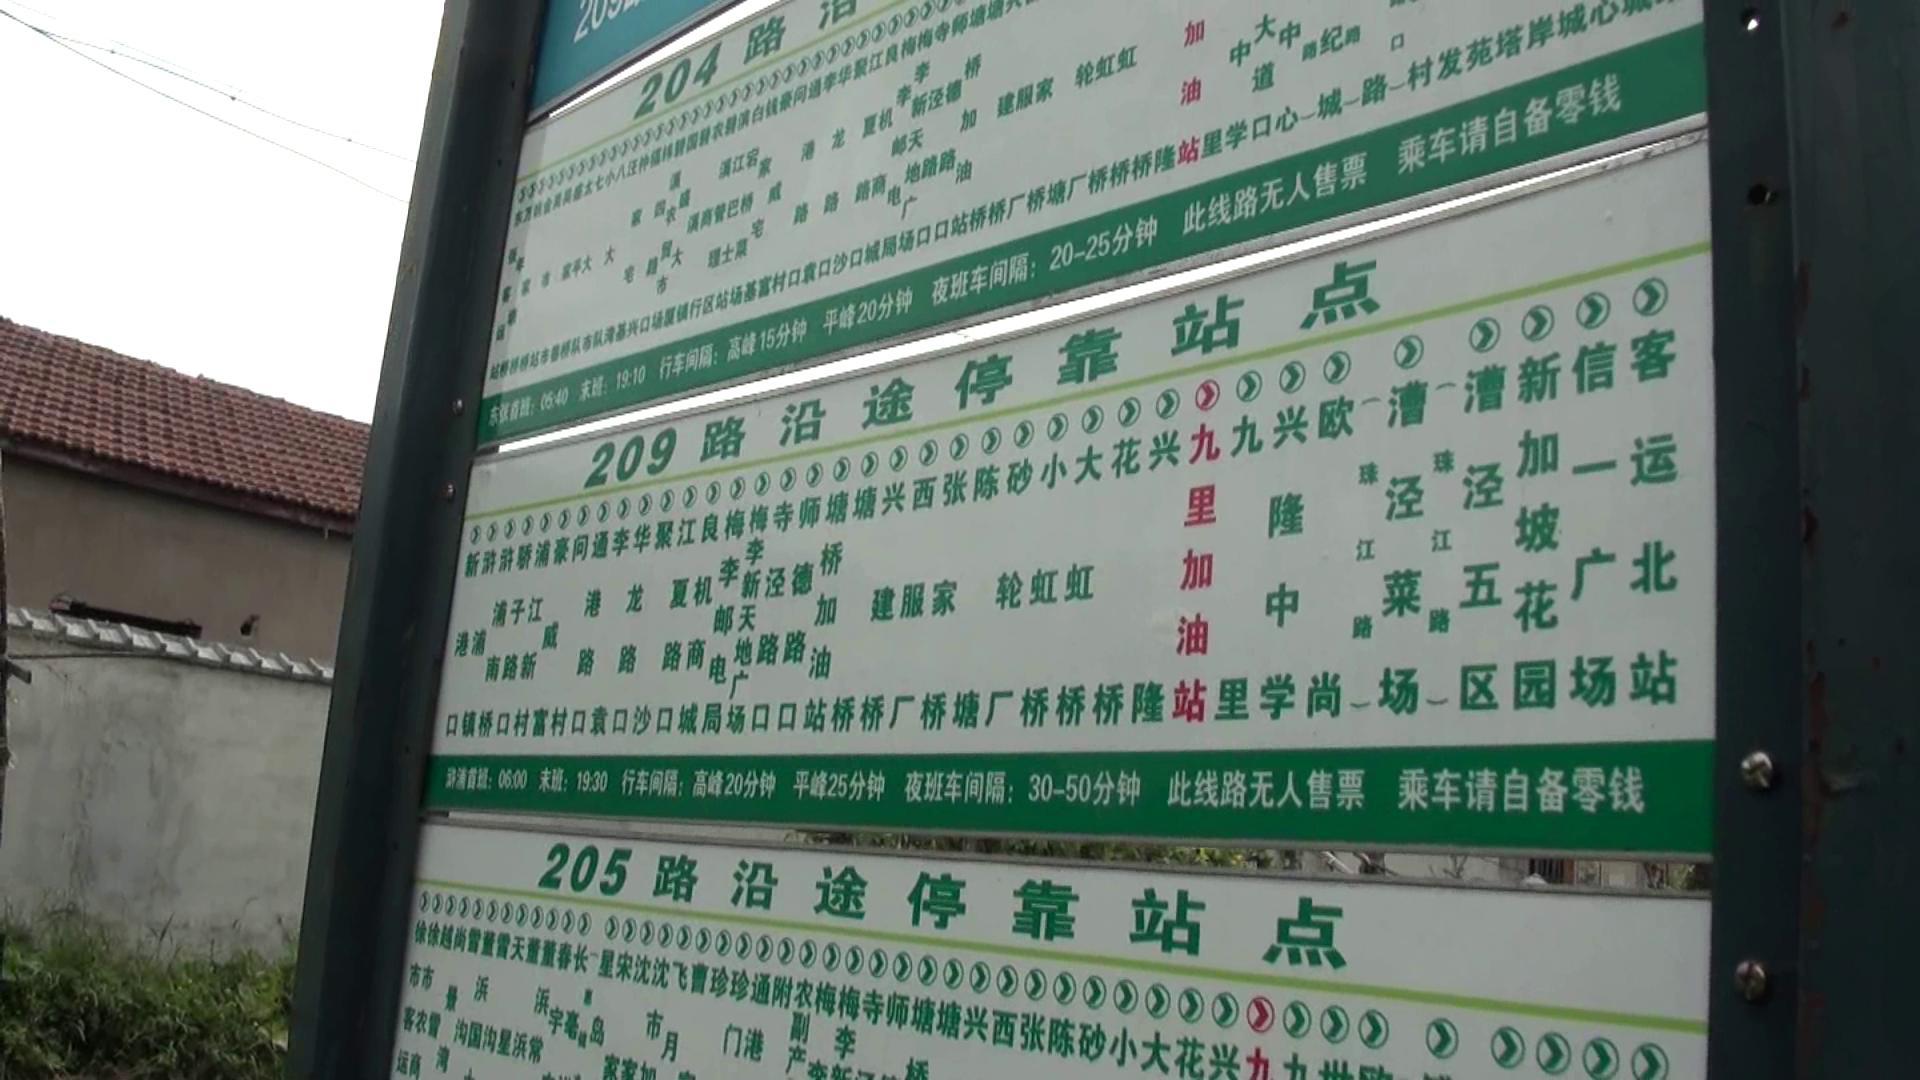 公交不停临时站 公交公司:将加入语音报站